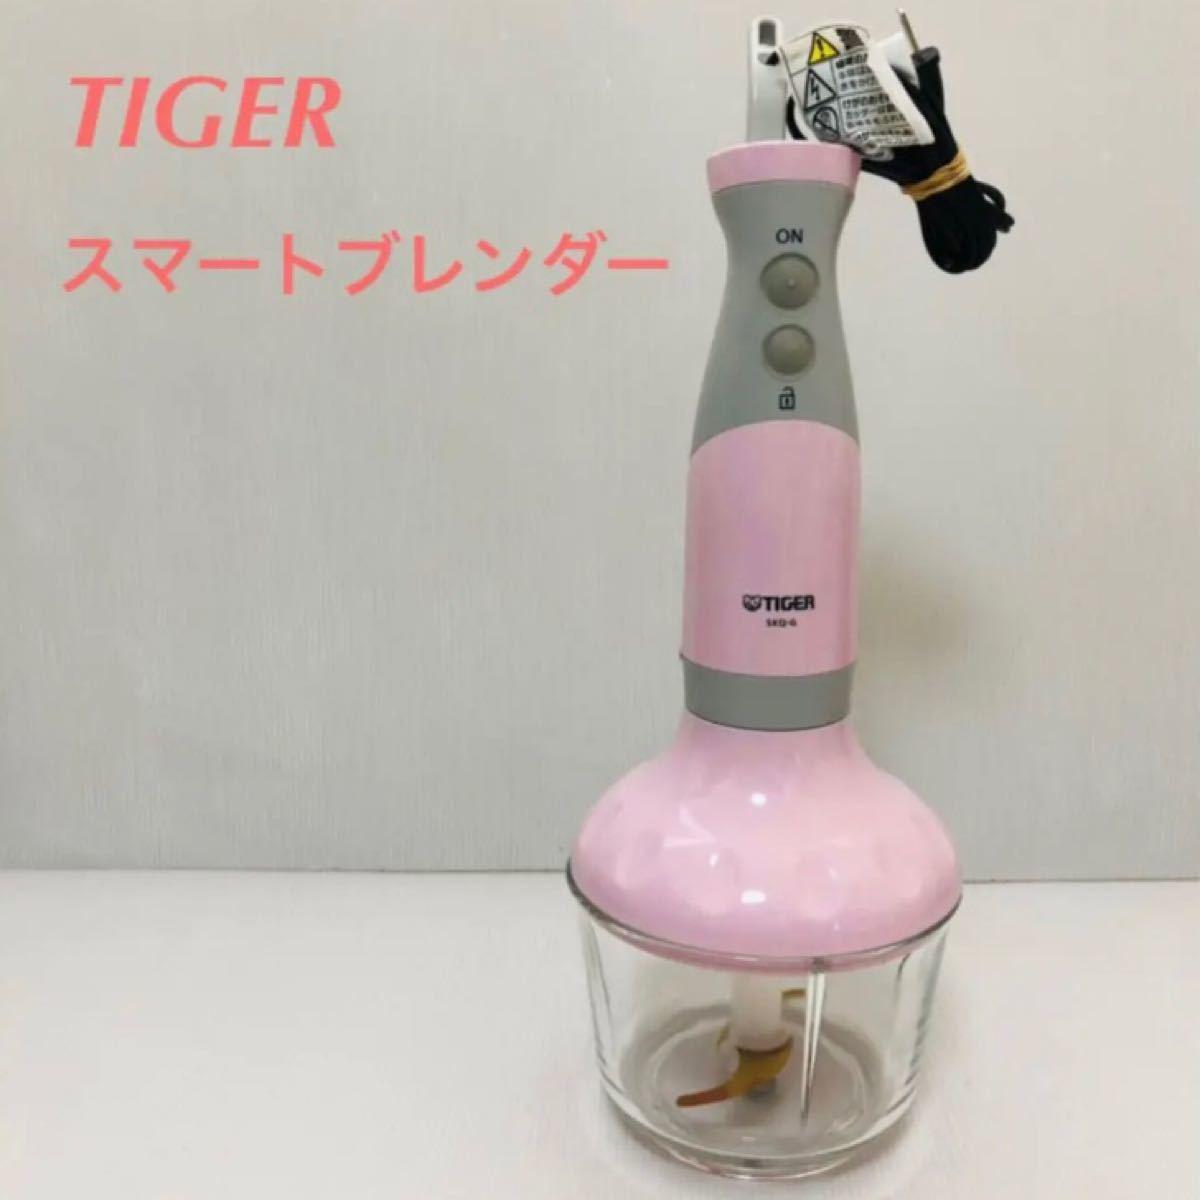 美品 TIGER タイガー SHG-G200-P スマートブレンダー ハンドブレンダー